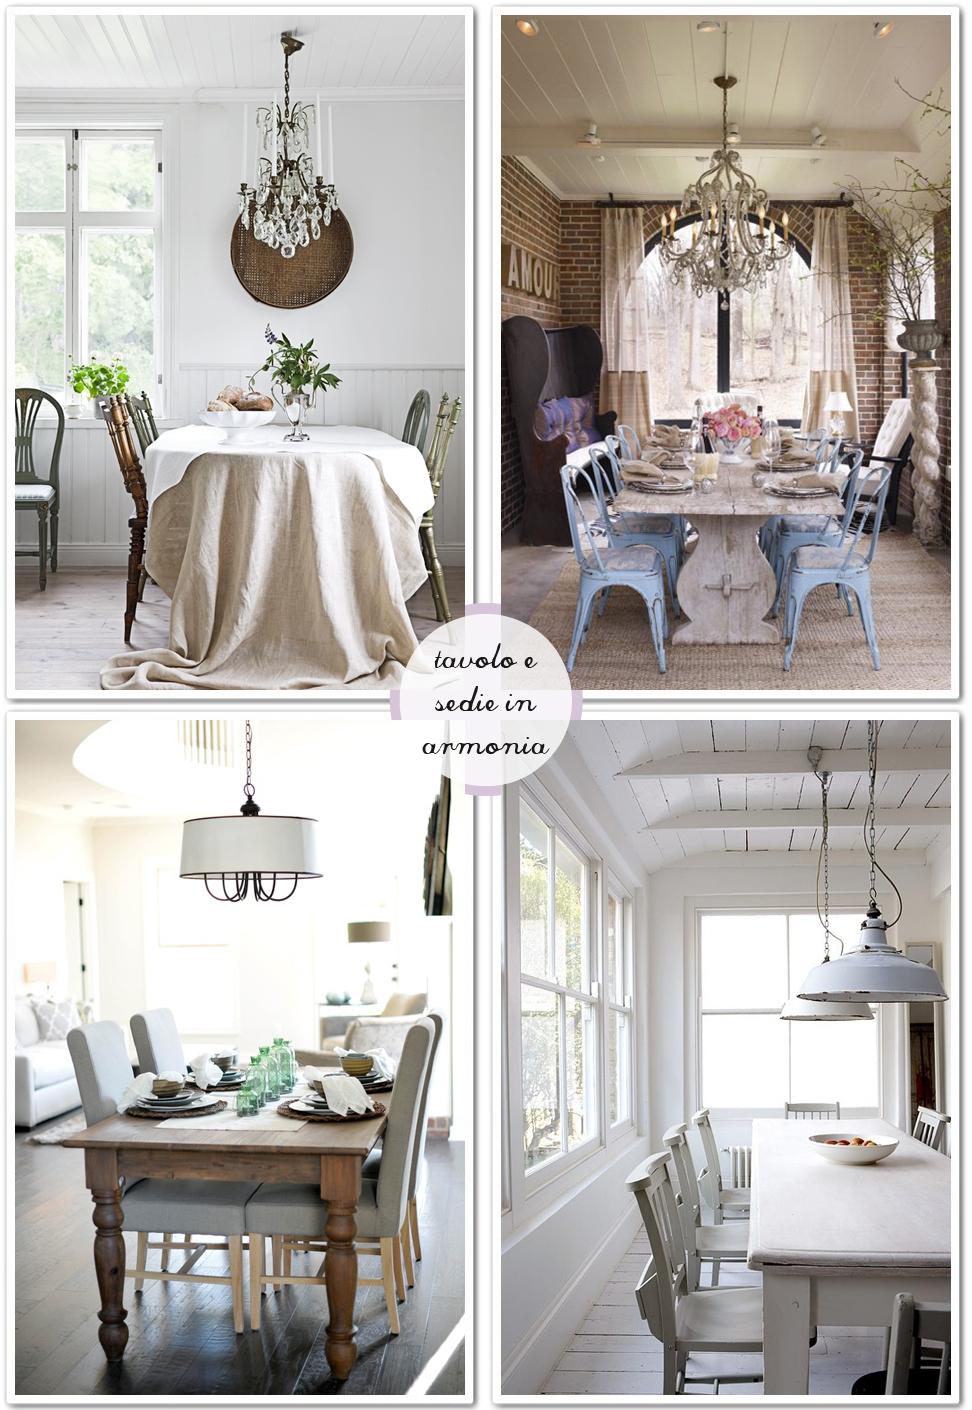 Sala Da Pranzo Shabby Moderno.Una Sedia Per Ogni Tavolo Shabby Chic Interiors